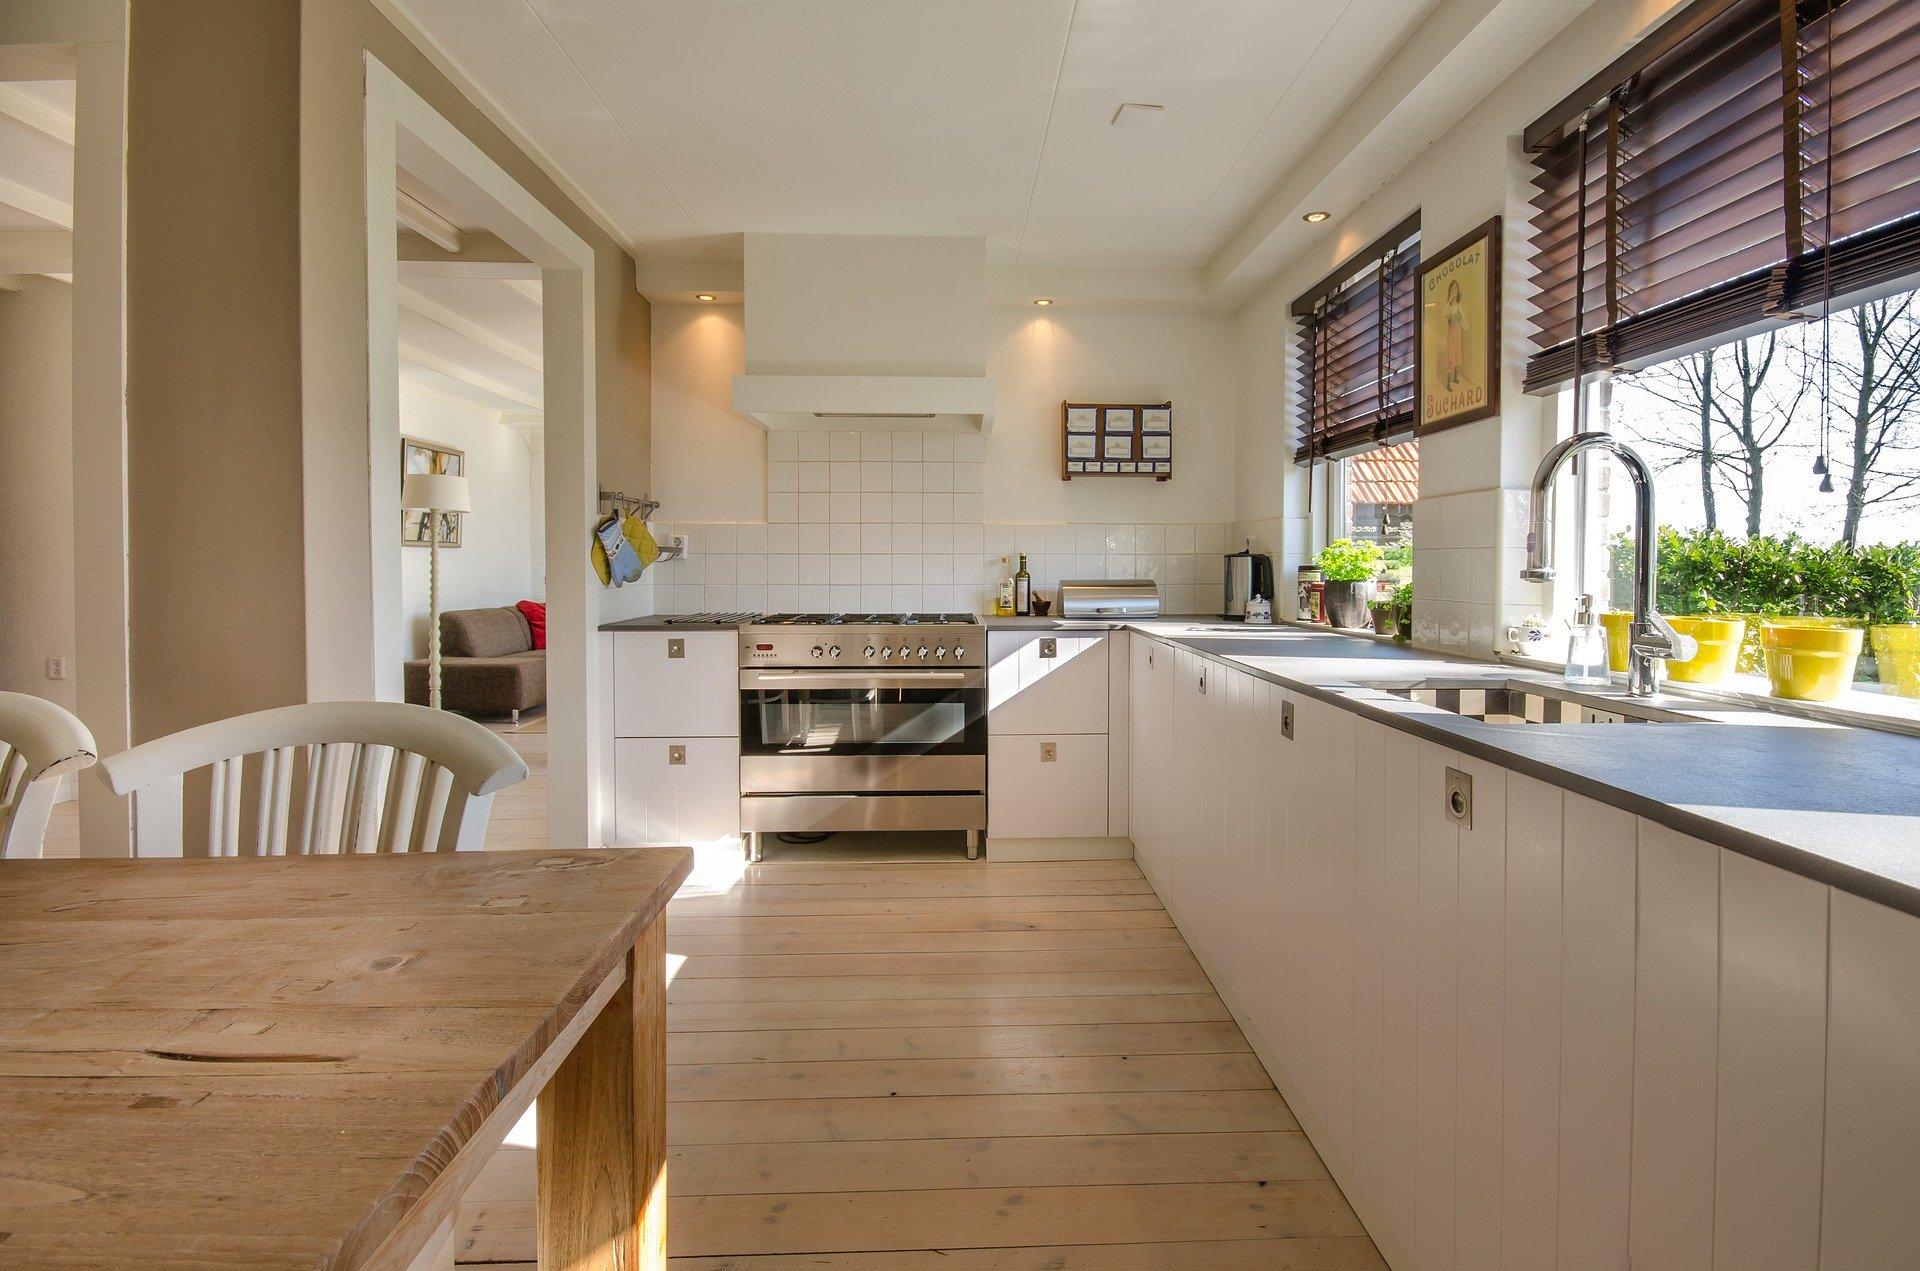 Ferramenta per la cucina: quale scegliere per una maggiore robustezza